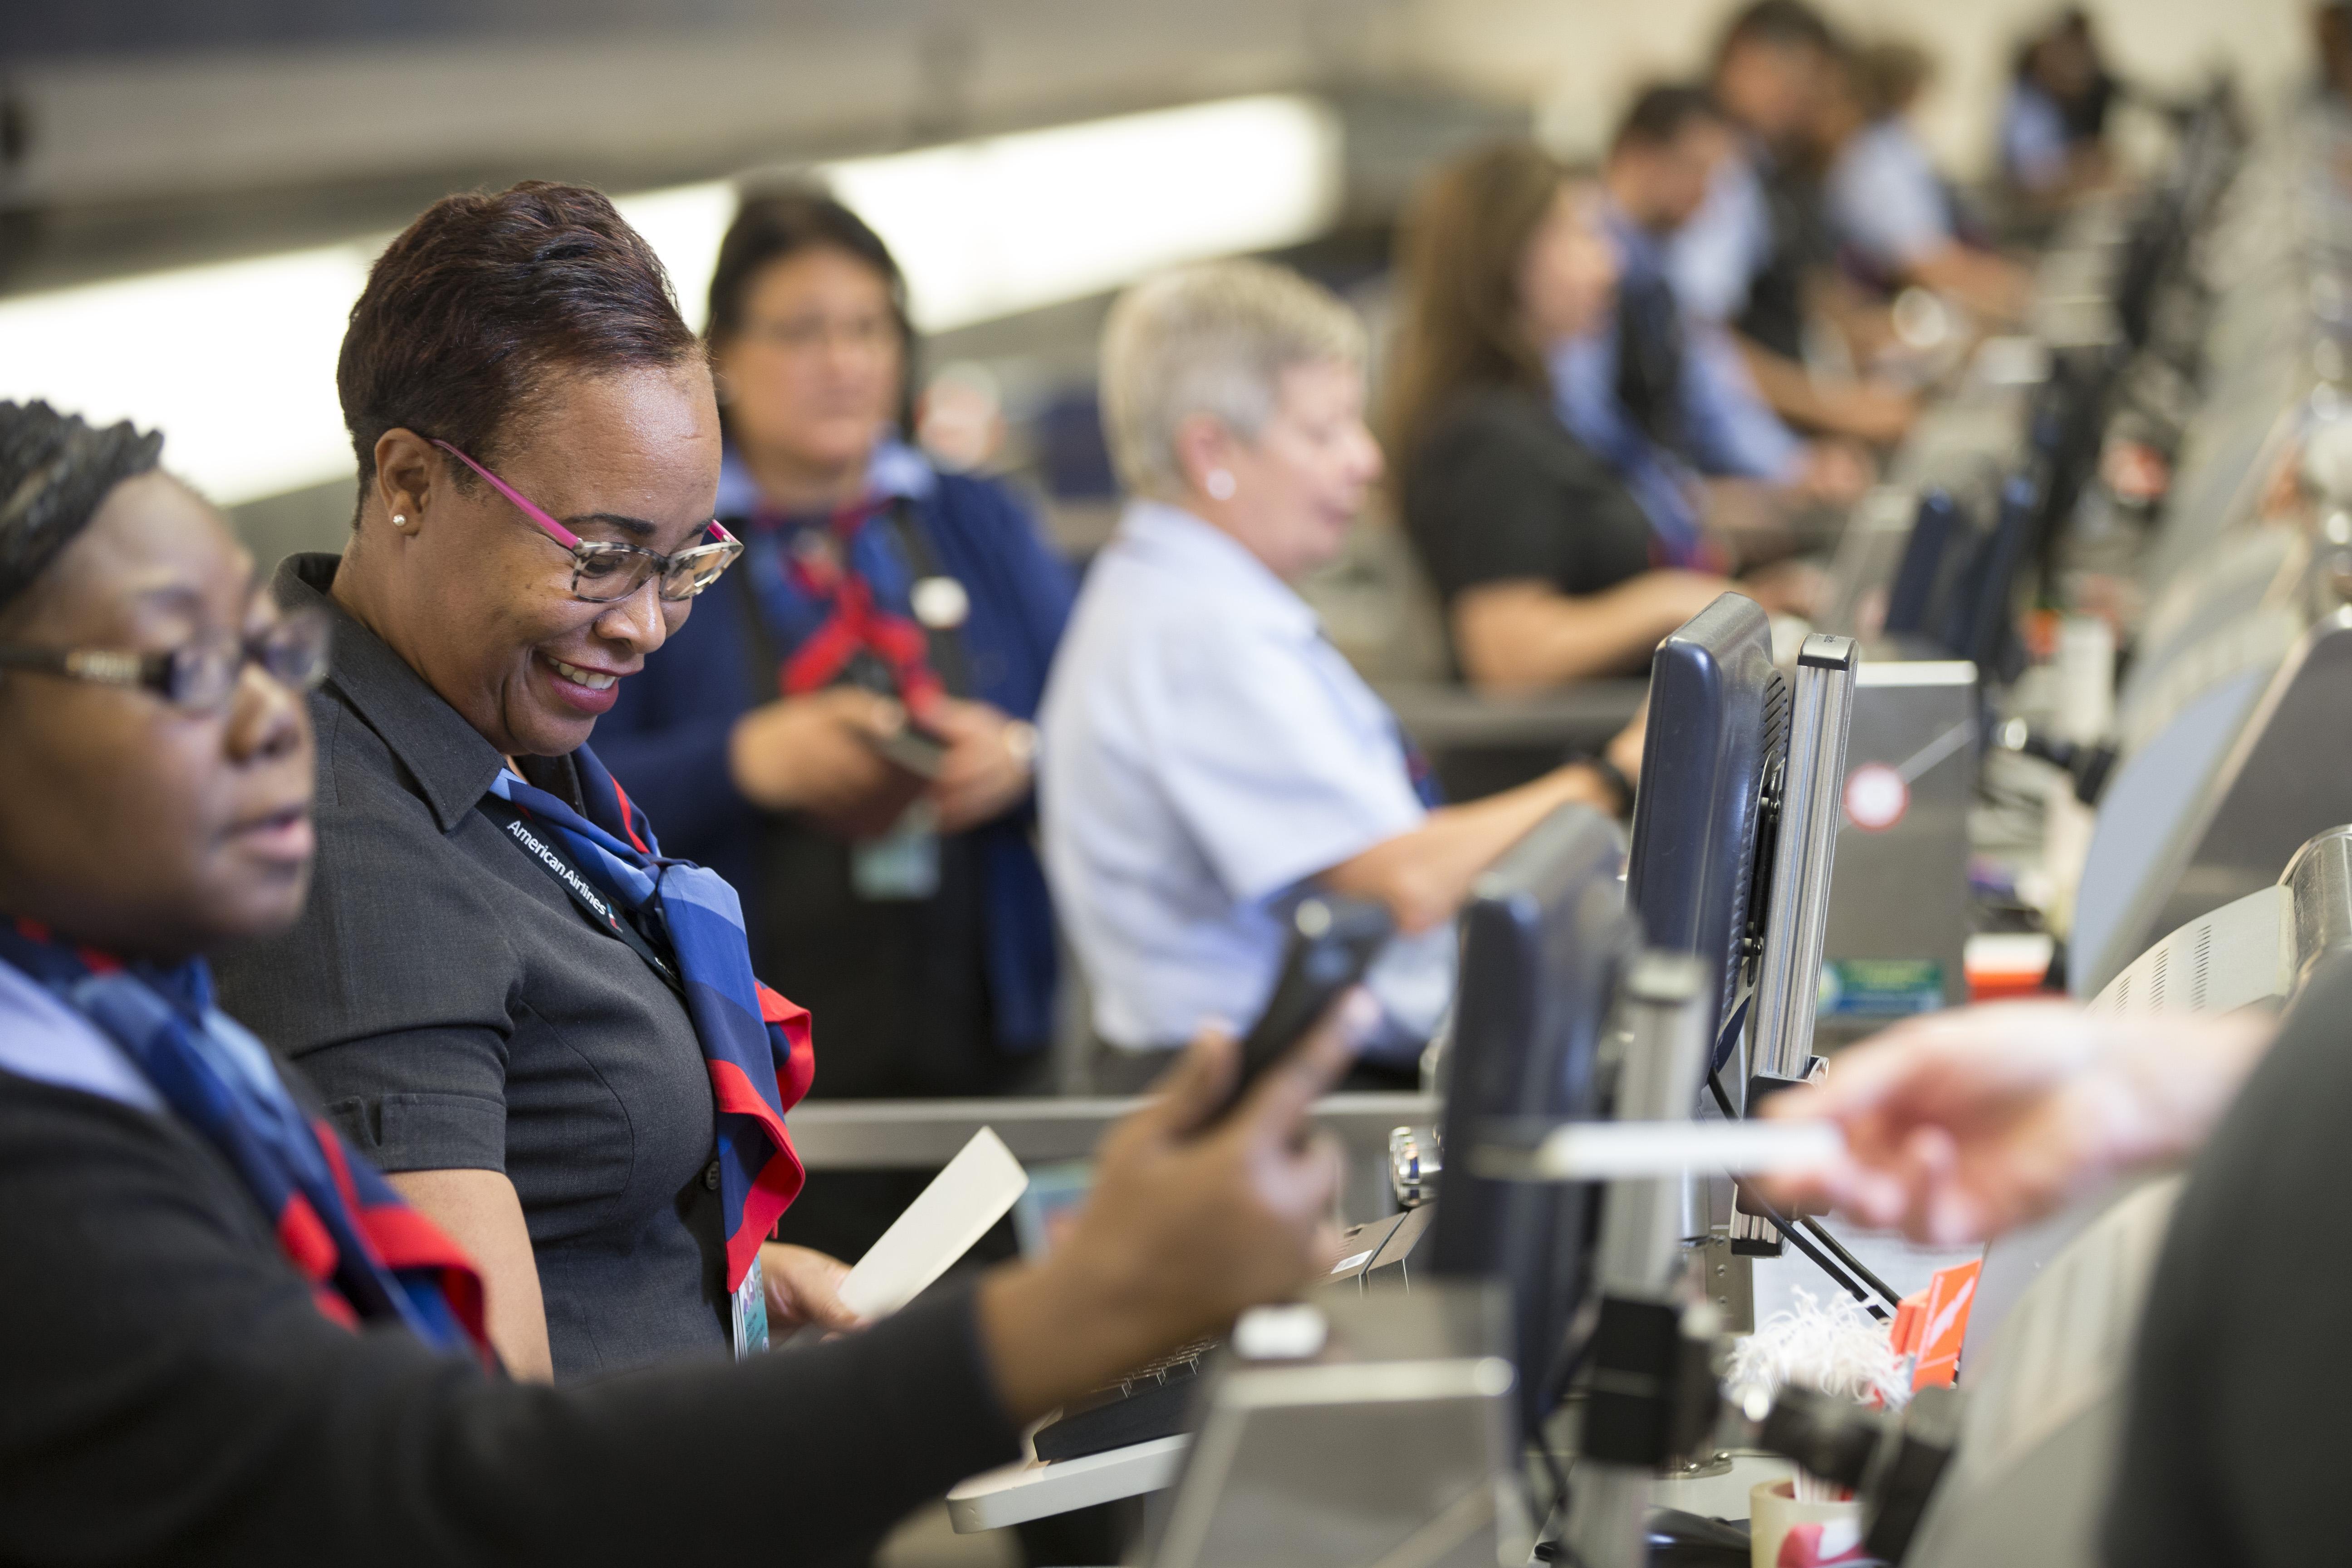 De tre største erhvervsrejsebureauer i Danmark, Amex, CWT og Egencia, omsætter for over fire milliarder kroner om året – over halvdelen af omsætningen blandt de danske erhvervsrejsebureauer. Pressefoto fra American Airlines.